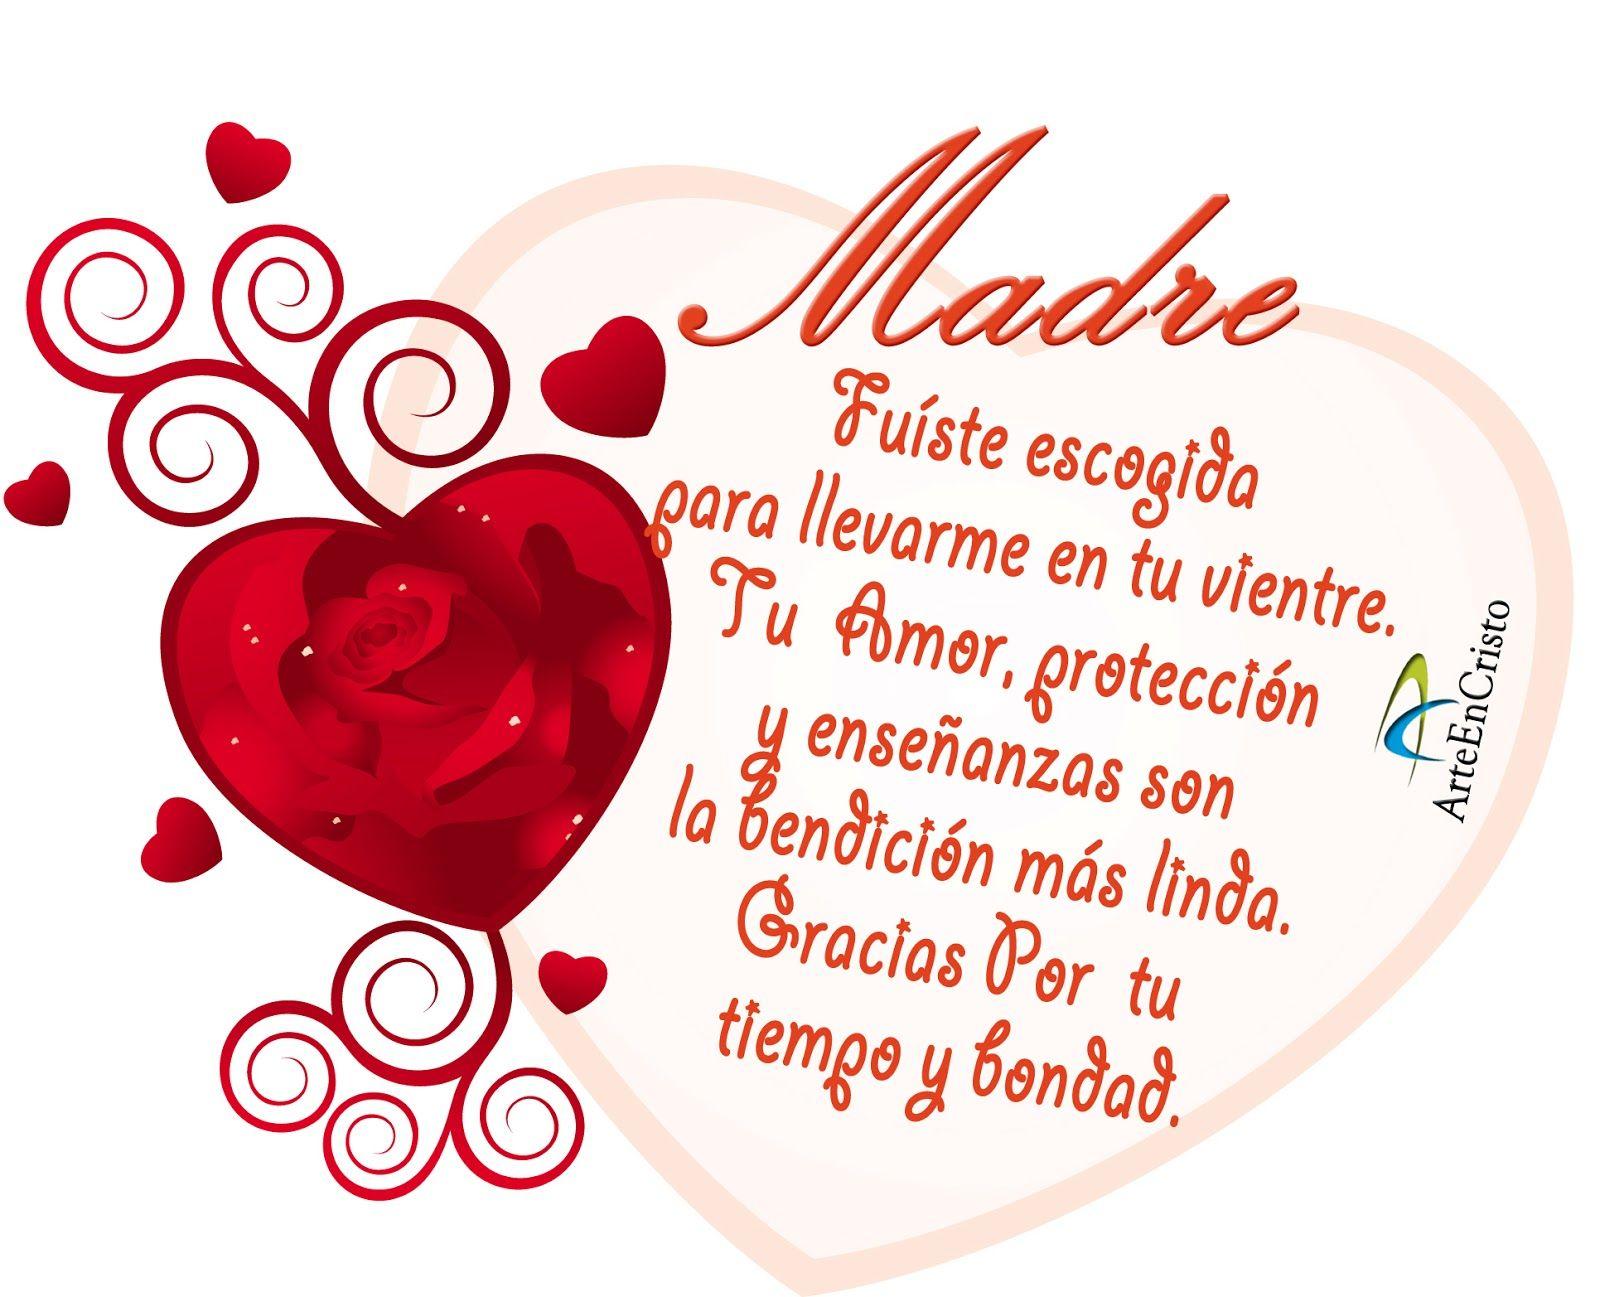 Frases Para El Dia De La Madre 5 Jpg 1600 1297 Feliz Día De San Valentín Mamá Tarjetas Del Día De Las Madres Mensaje Del Día De La Madre